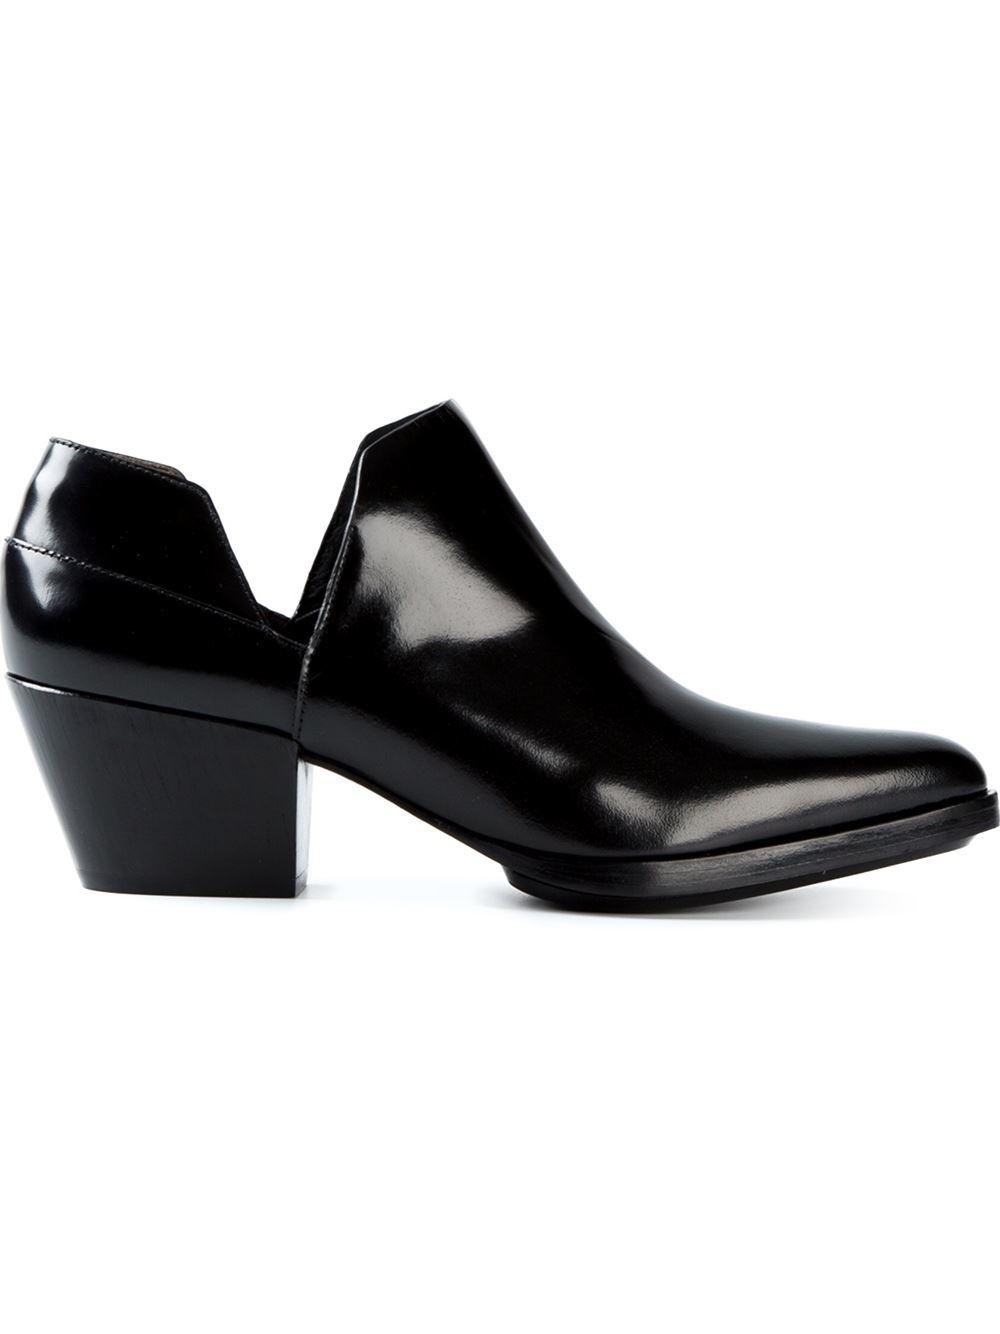 Phillip Lim Shoes Online